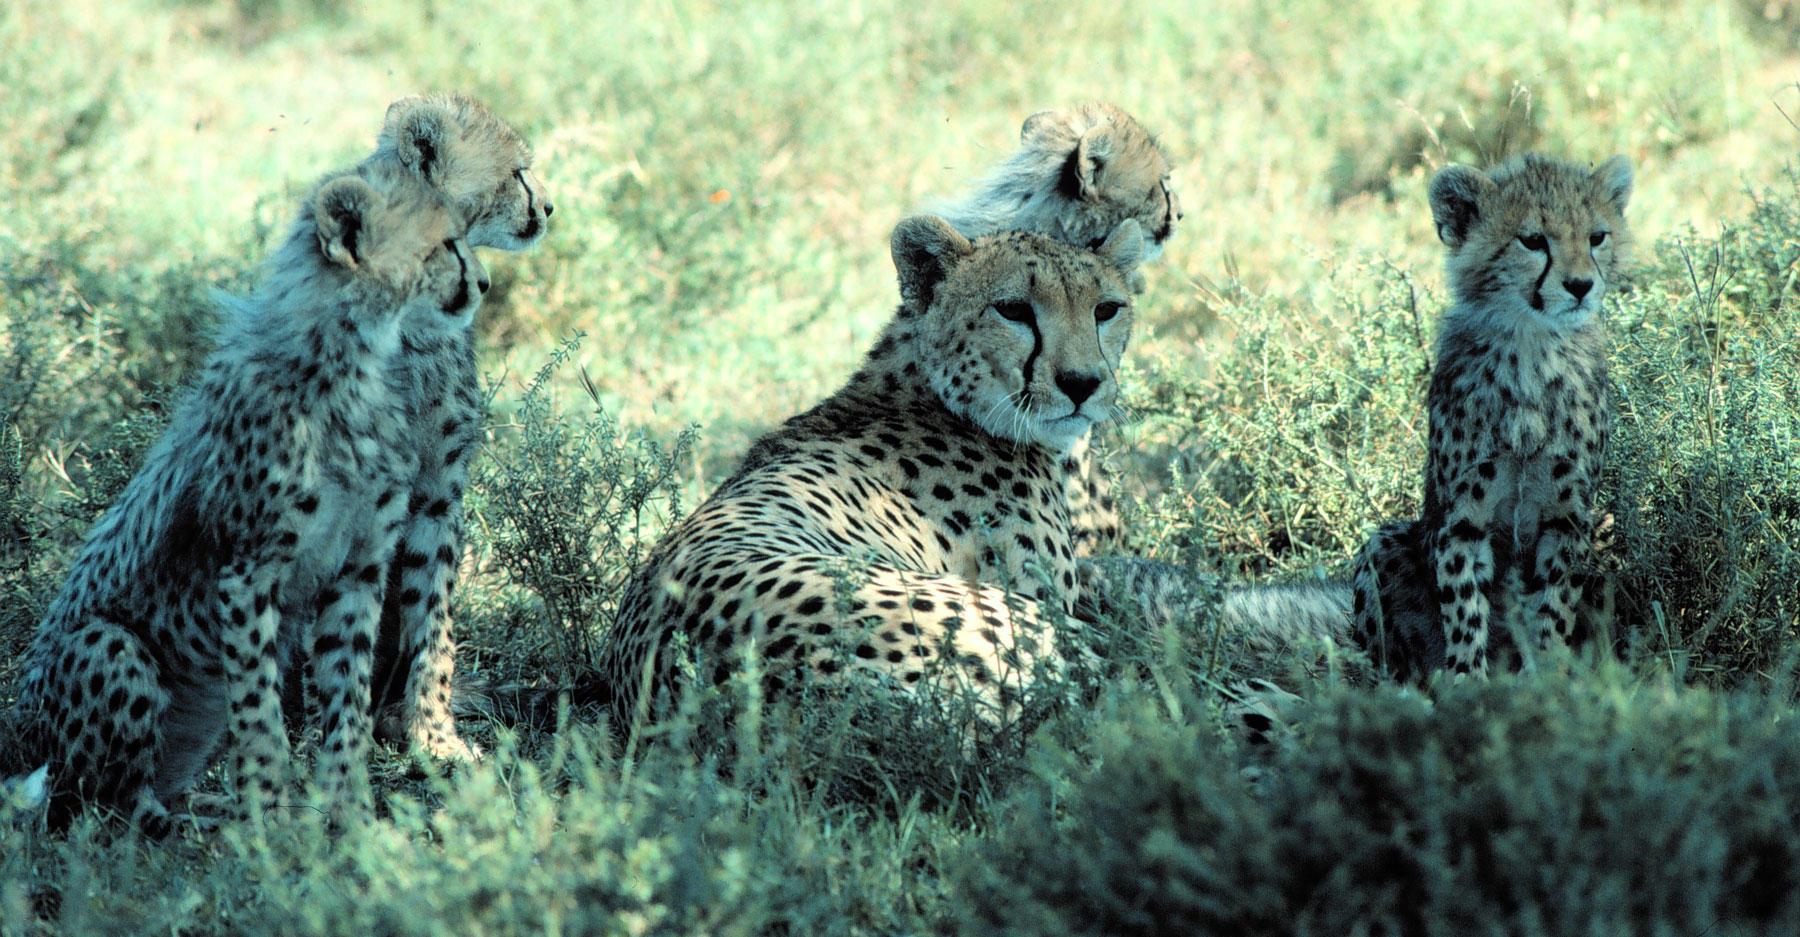 Cheetahs relaxing